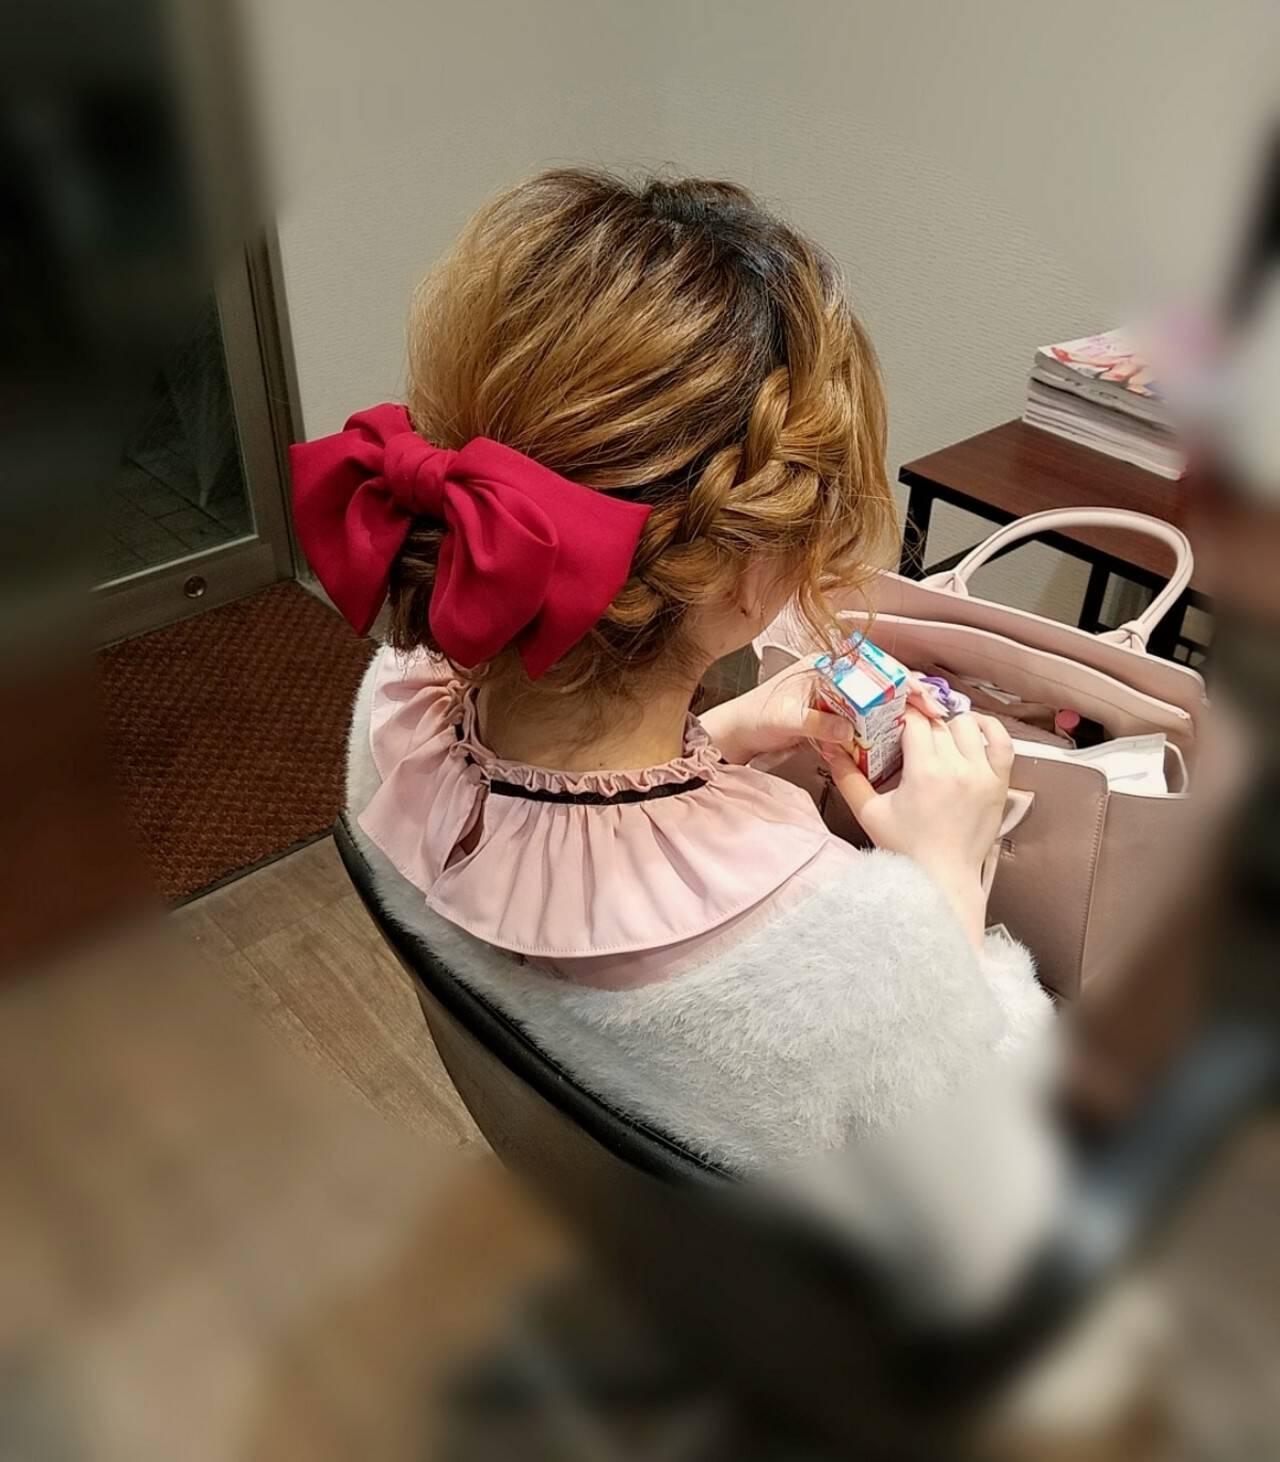 ガーリー アップスタイル ミディアム 編み込みヘアスタイルや髪型の写真・画像